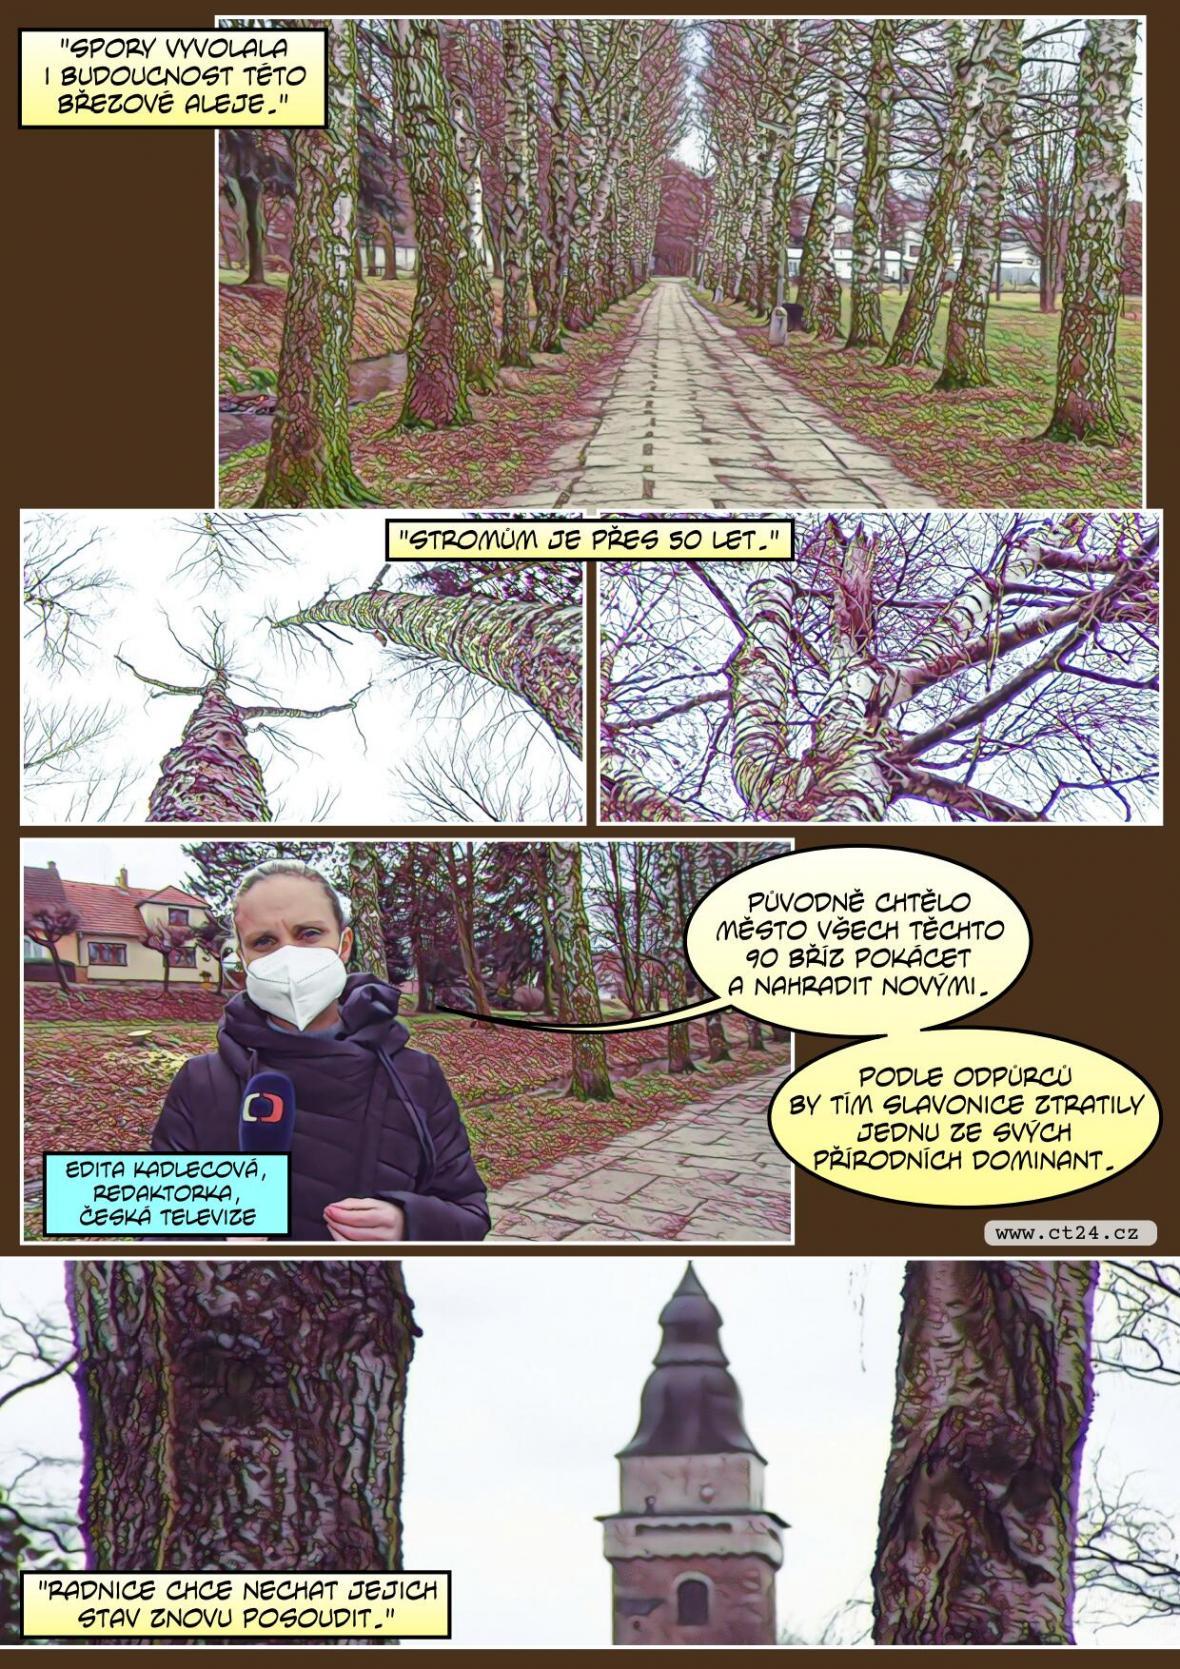 Ve Slavonicích protestují proti kácení stromů. Obec se brání, že obnova zeleně je potřeba